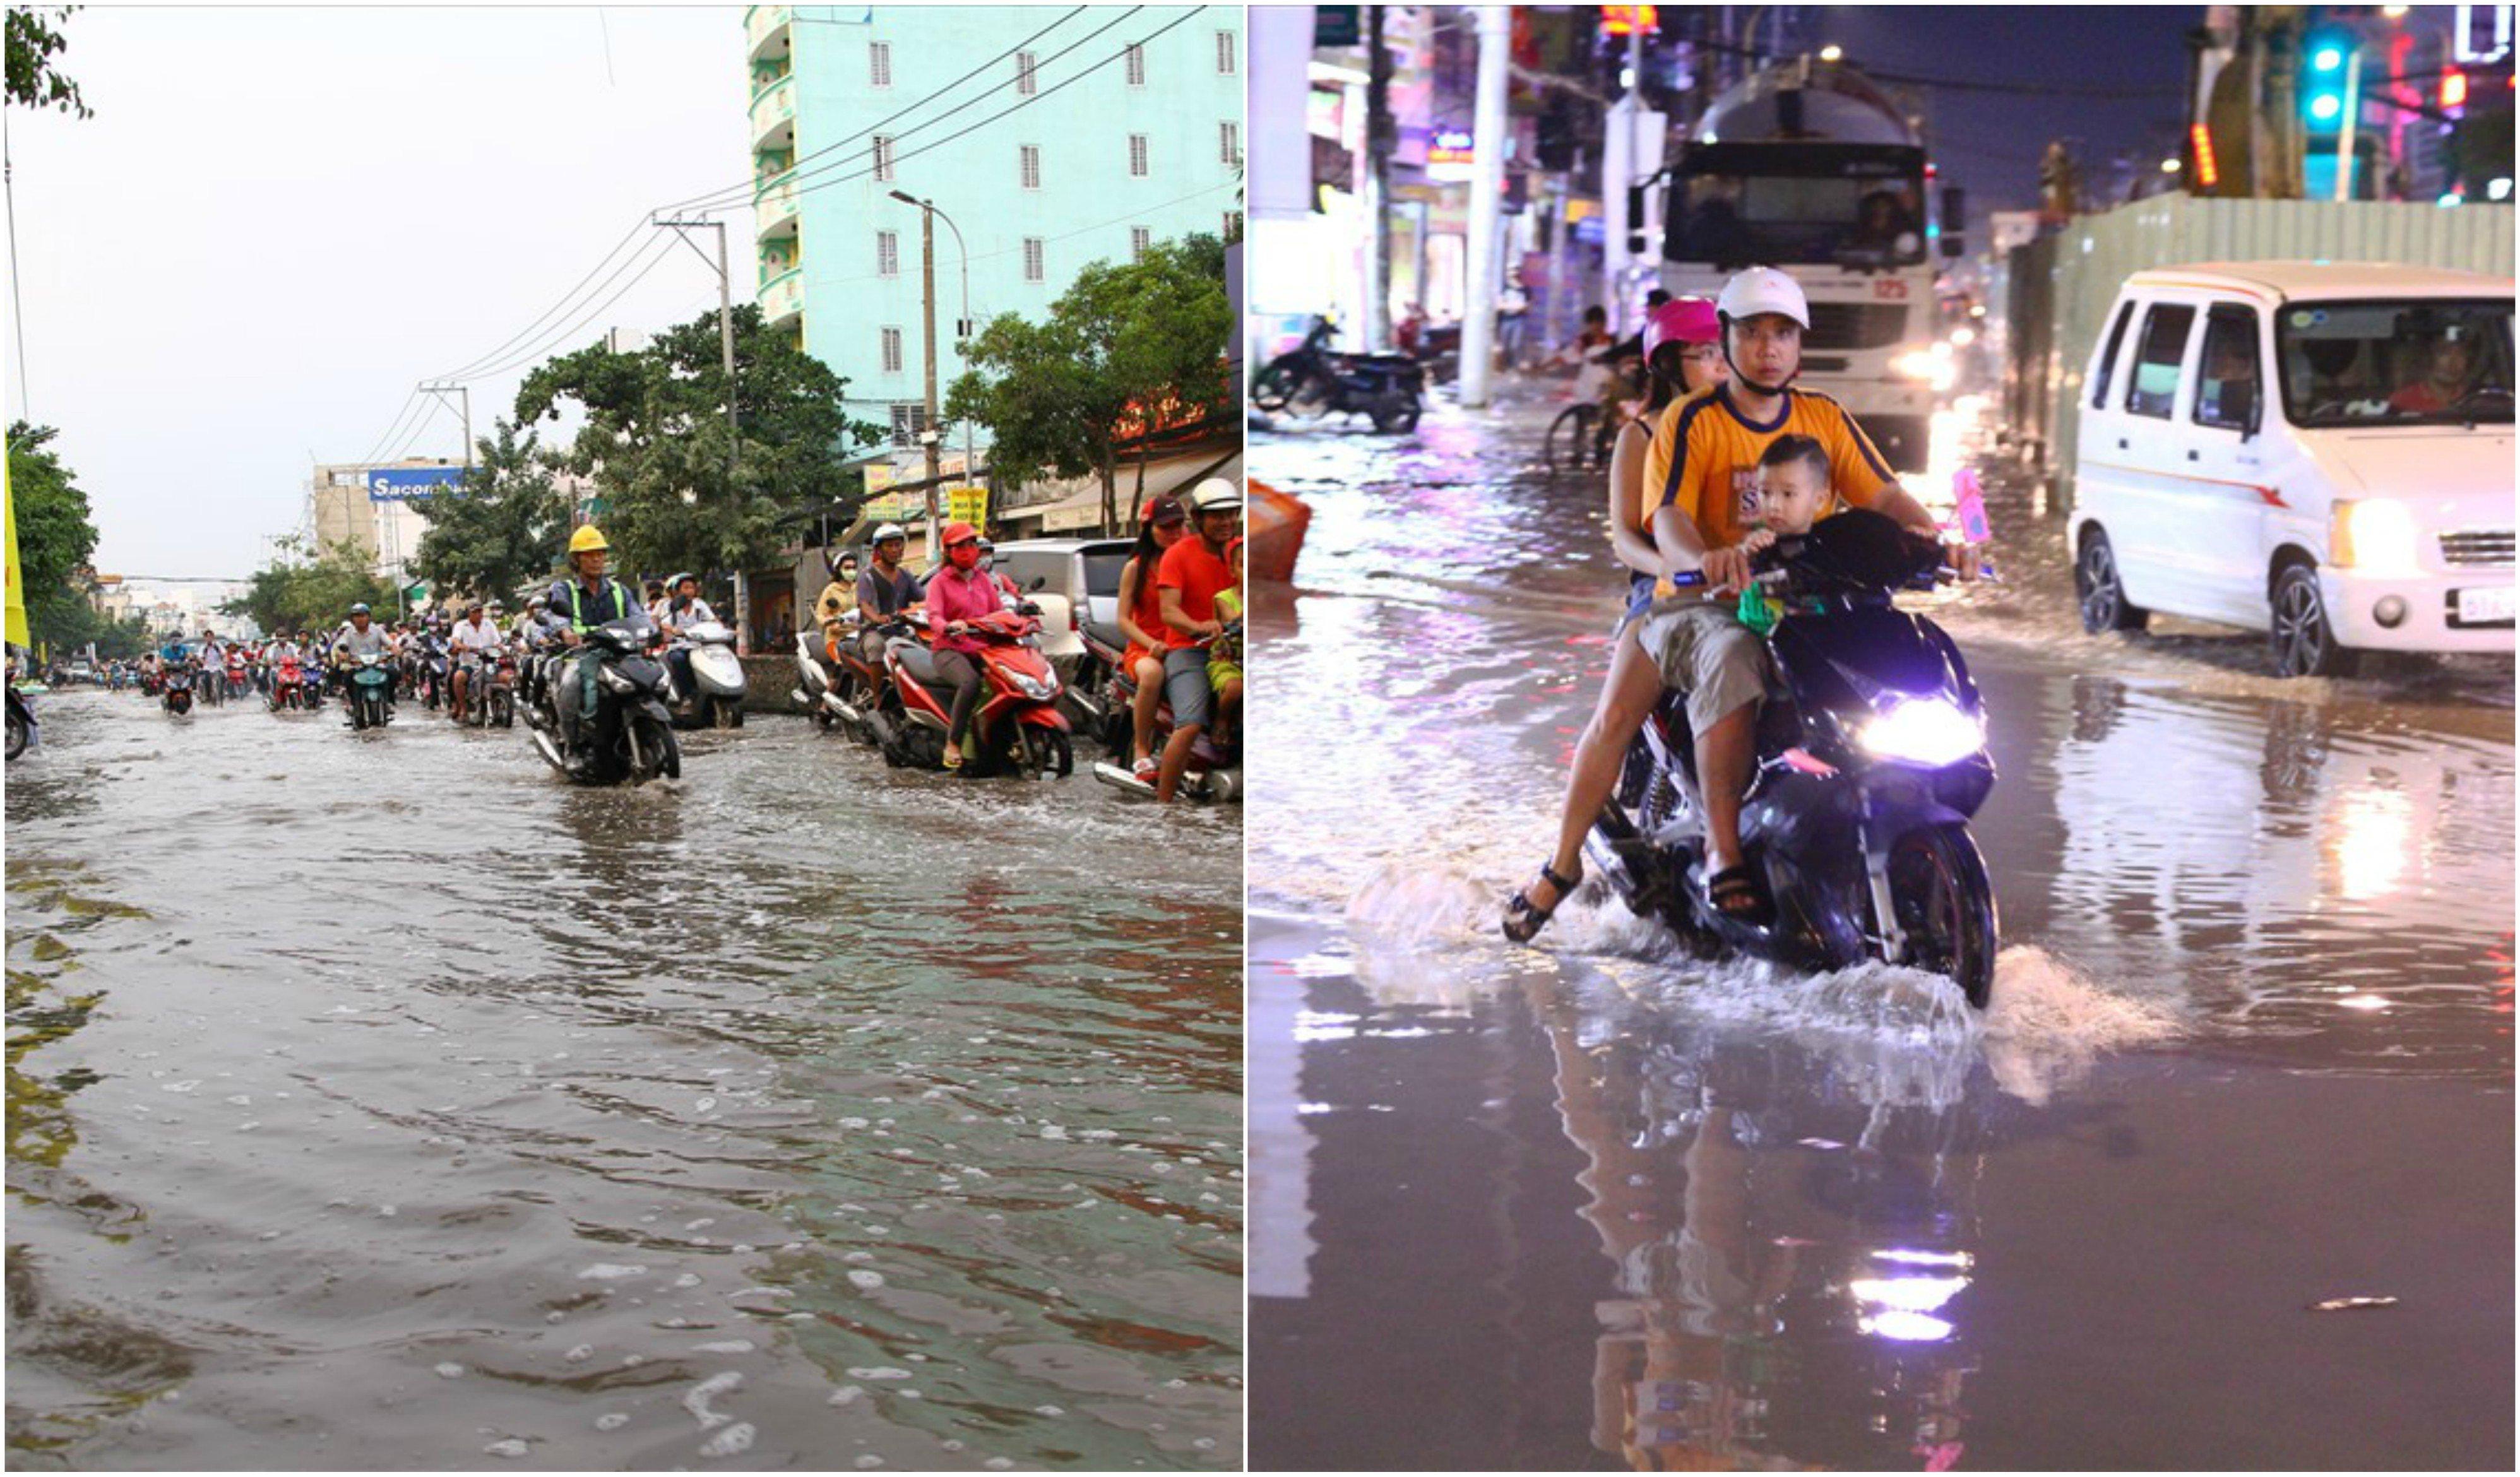 Xúc động những hành động đẹp của người Sài Gòn trong ngày triều cường dâng cao 1